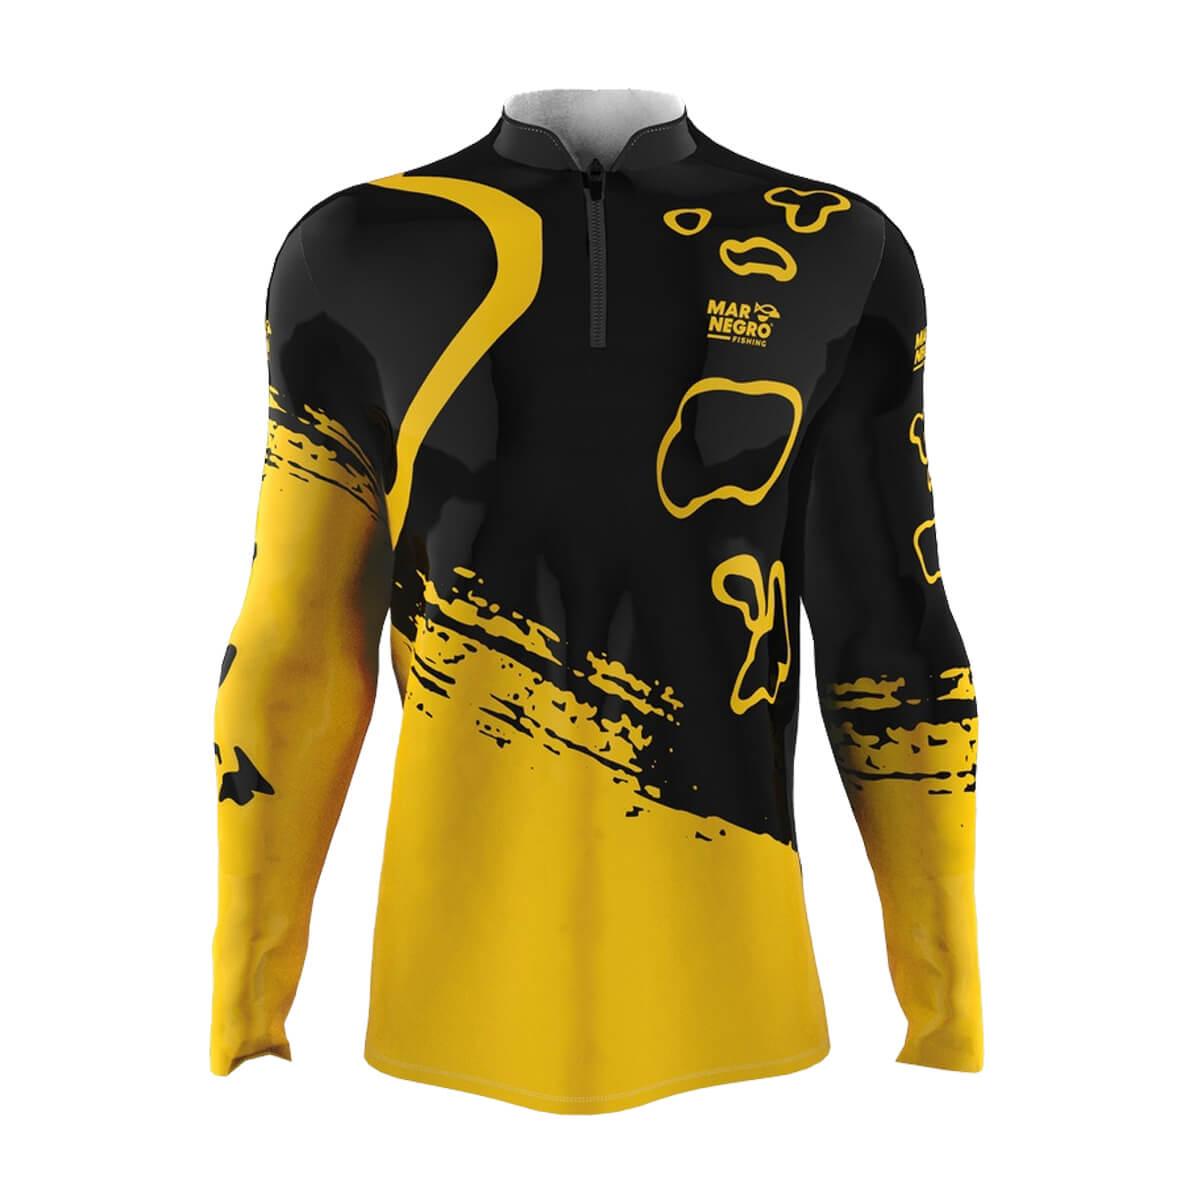 Camiseta de Pesca Mar Negro 2021 T20  - Pró Pesca Shop